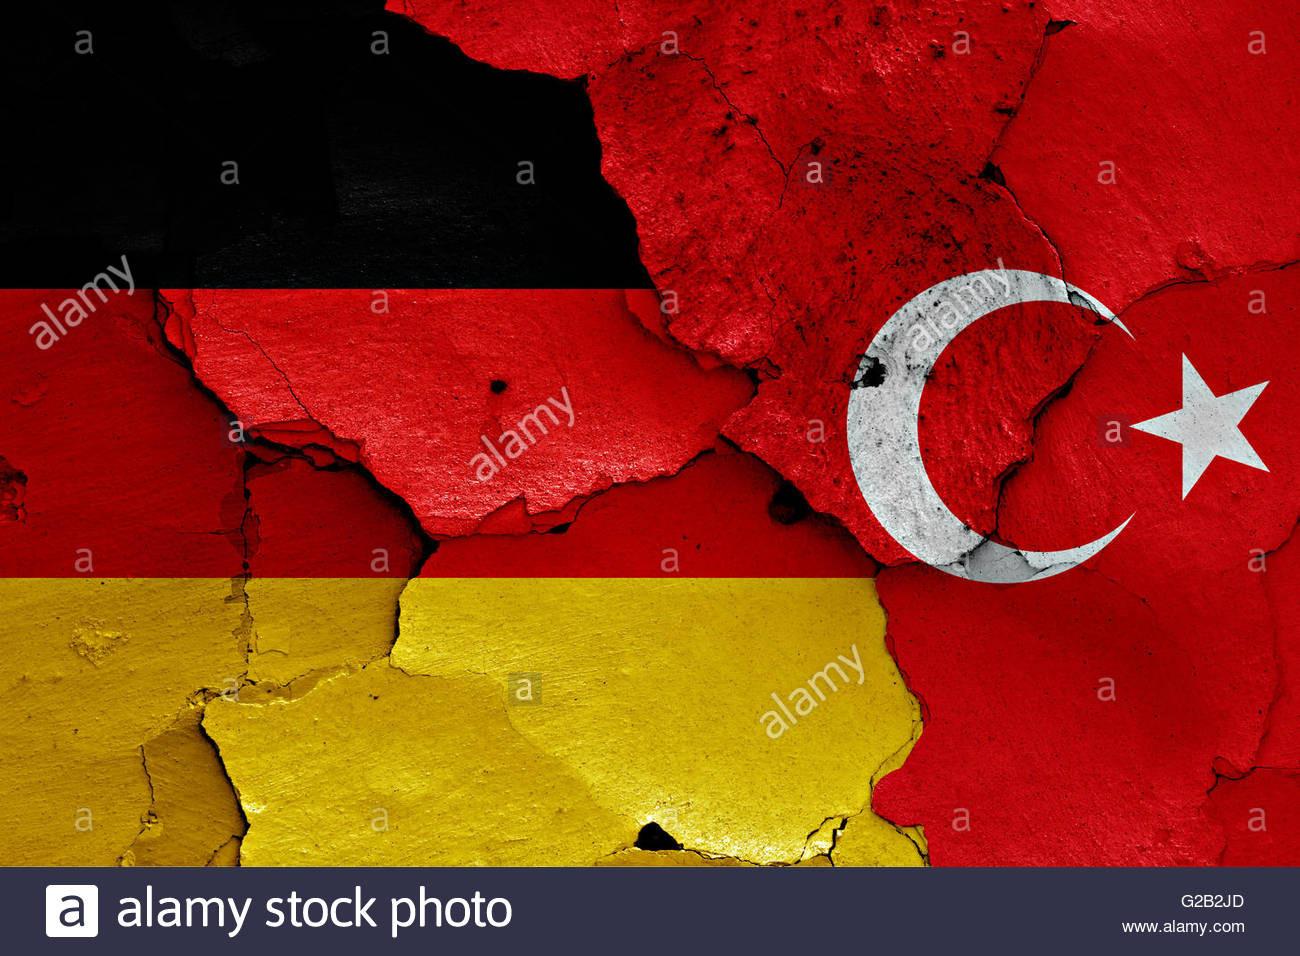 Villes d'Allemagne ou de Turquie